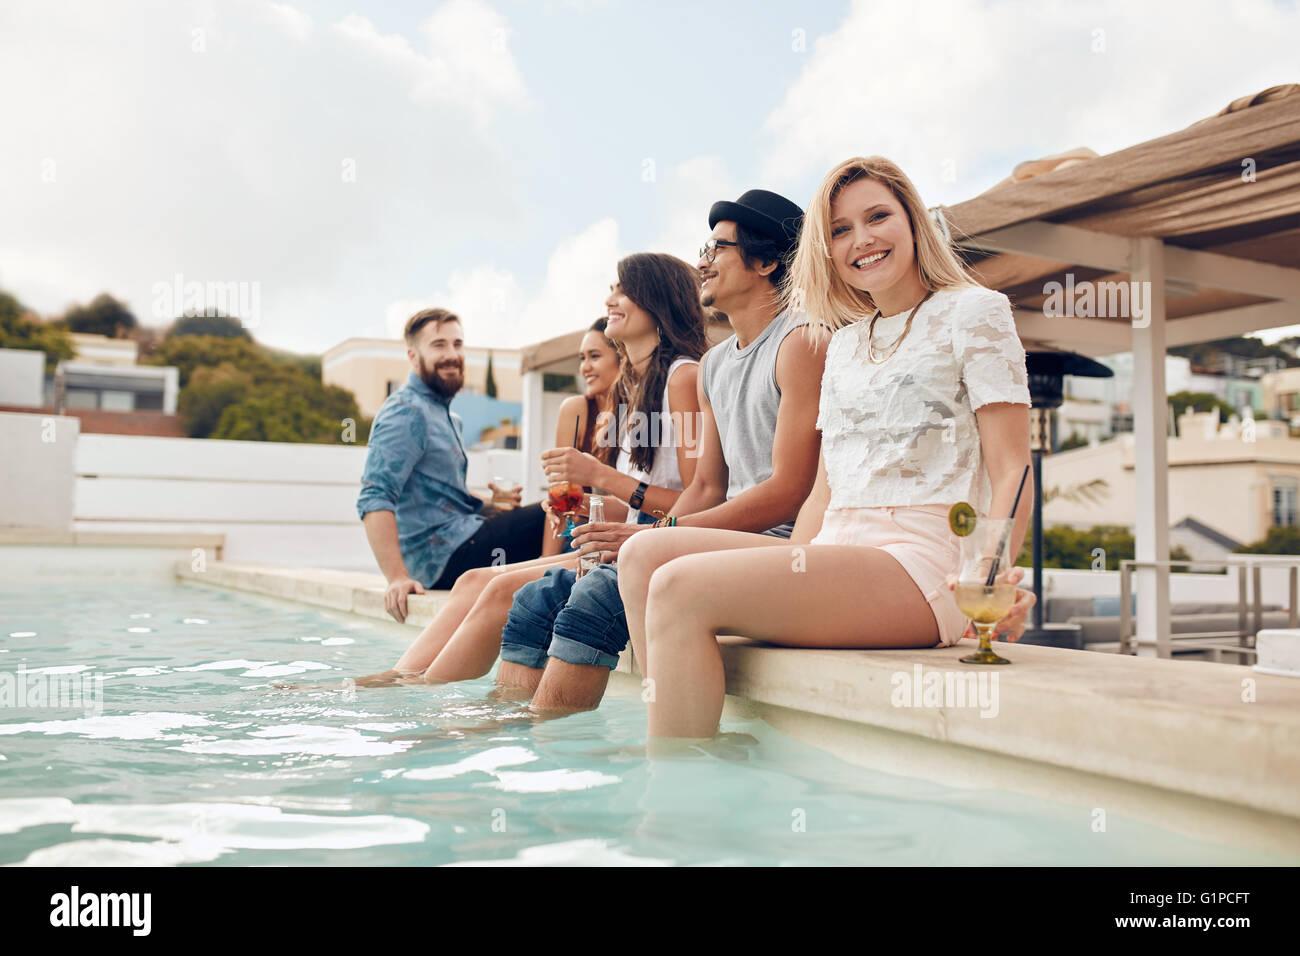 Porträt der glückliche junge Frau sitzt am Pool mit ihren Freunden feiern. Junge Menschen entspannen am Stockbild